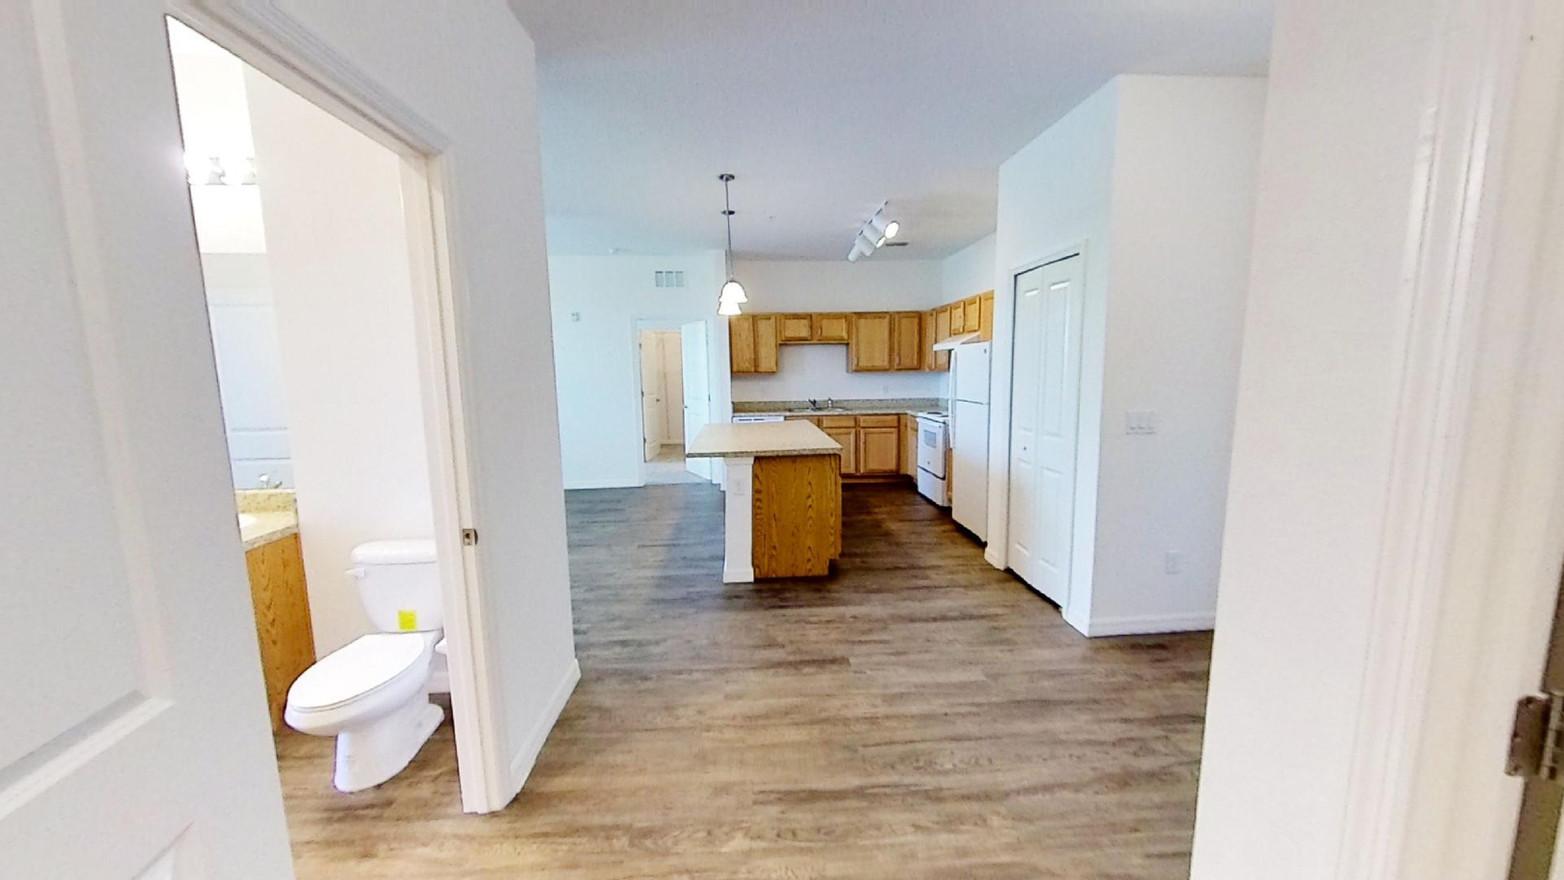 Bathroom and kitchen photo